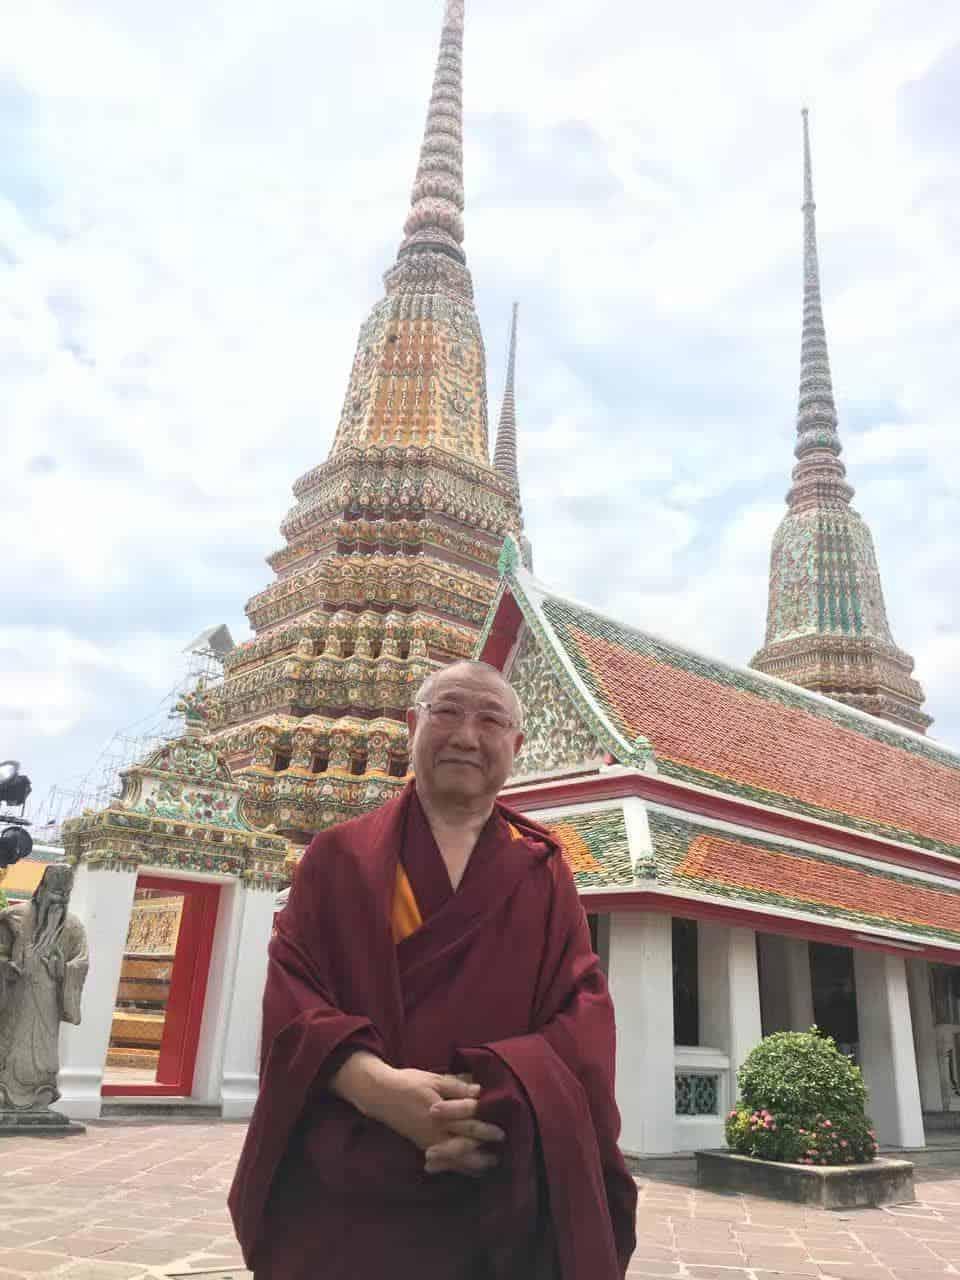 Gosok Rinpoche Thailand 2017 T022 d4fef693922086b495defbfccb656ae